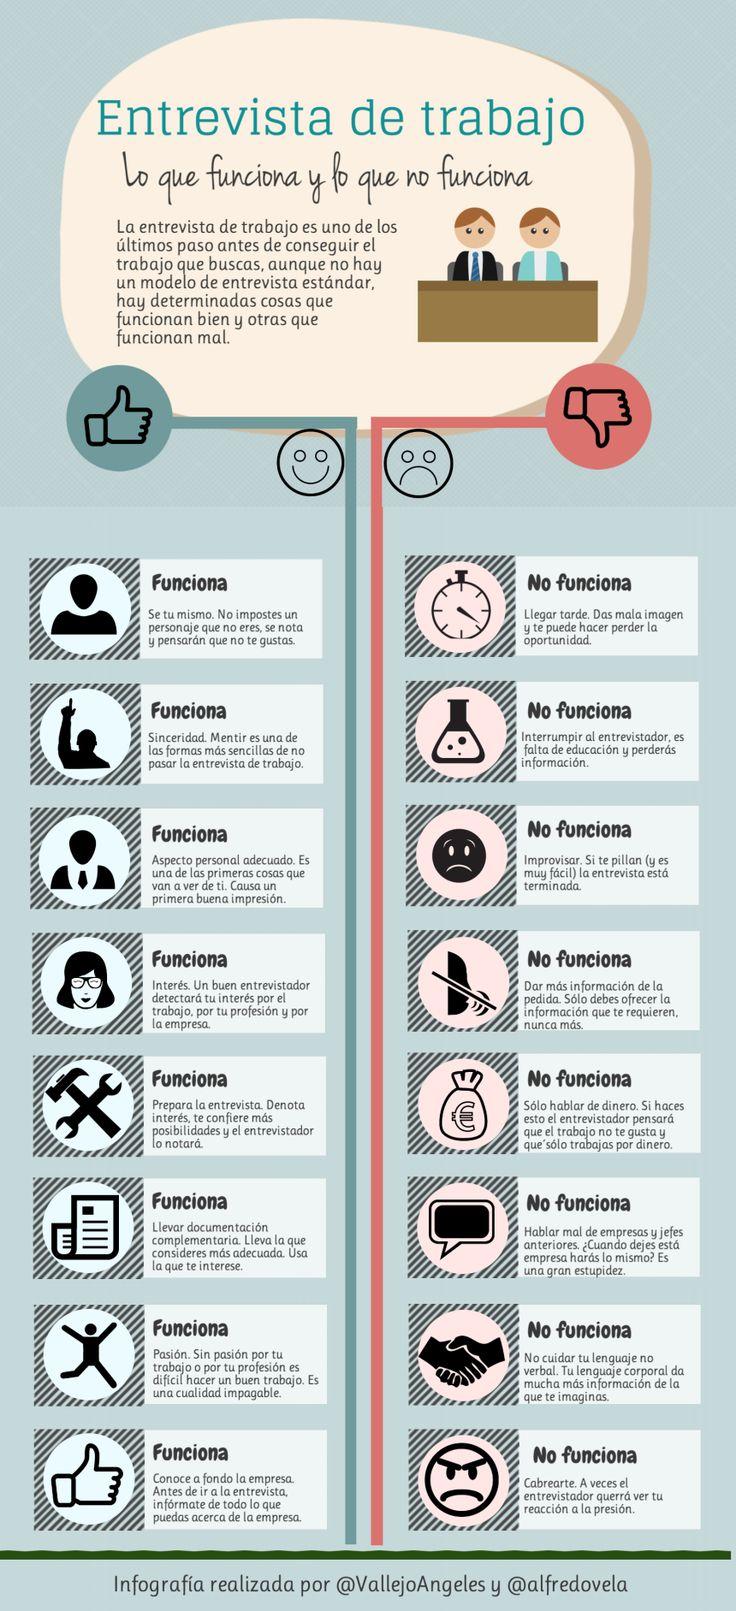 #Infografía Entrevista de trabajo: qué funciona y qué no #empleo